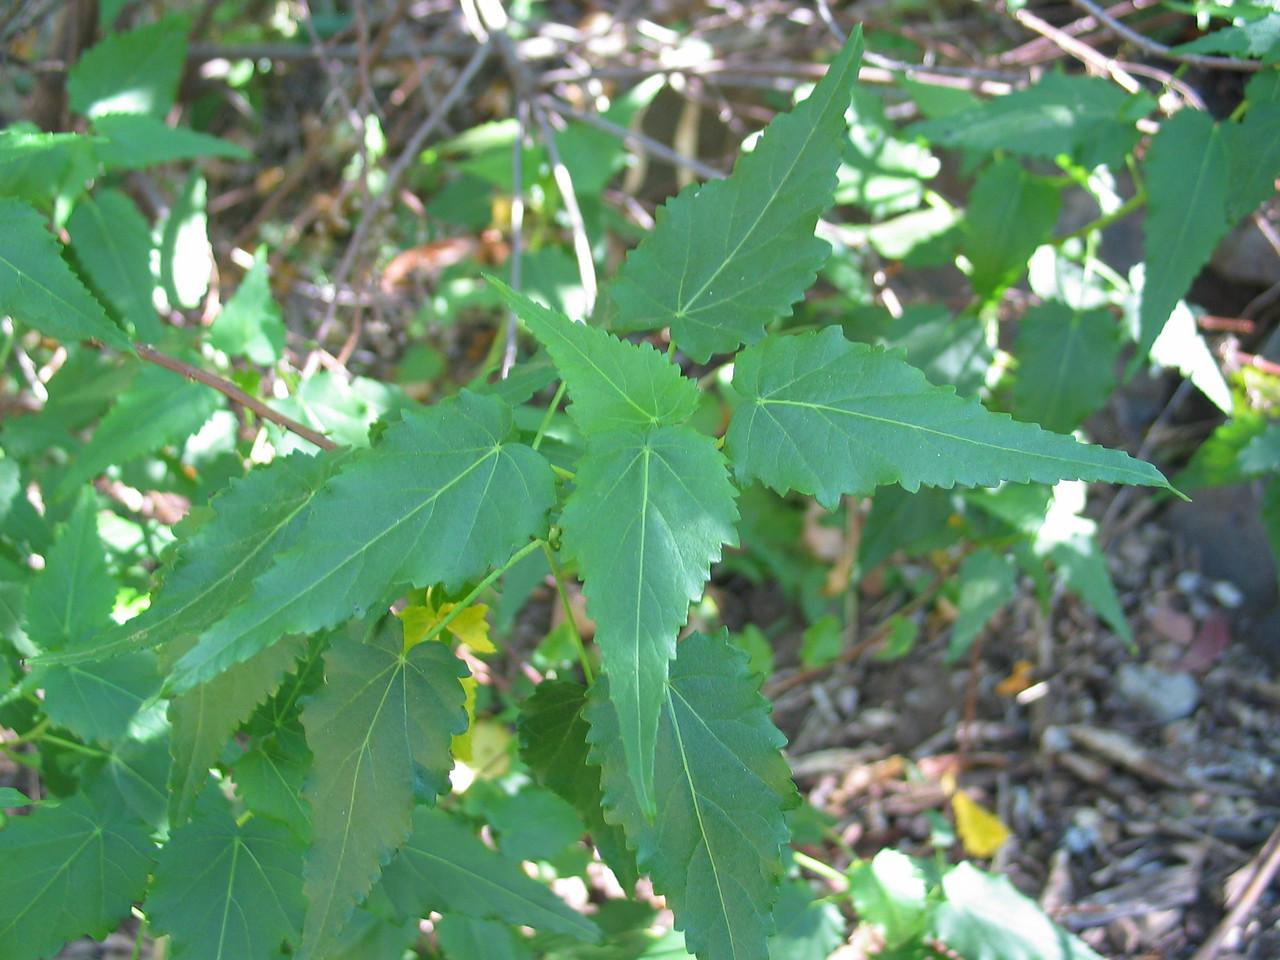 Grevillea rosmarinifolia / Rosemary Grevillea